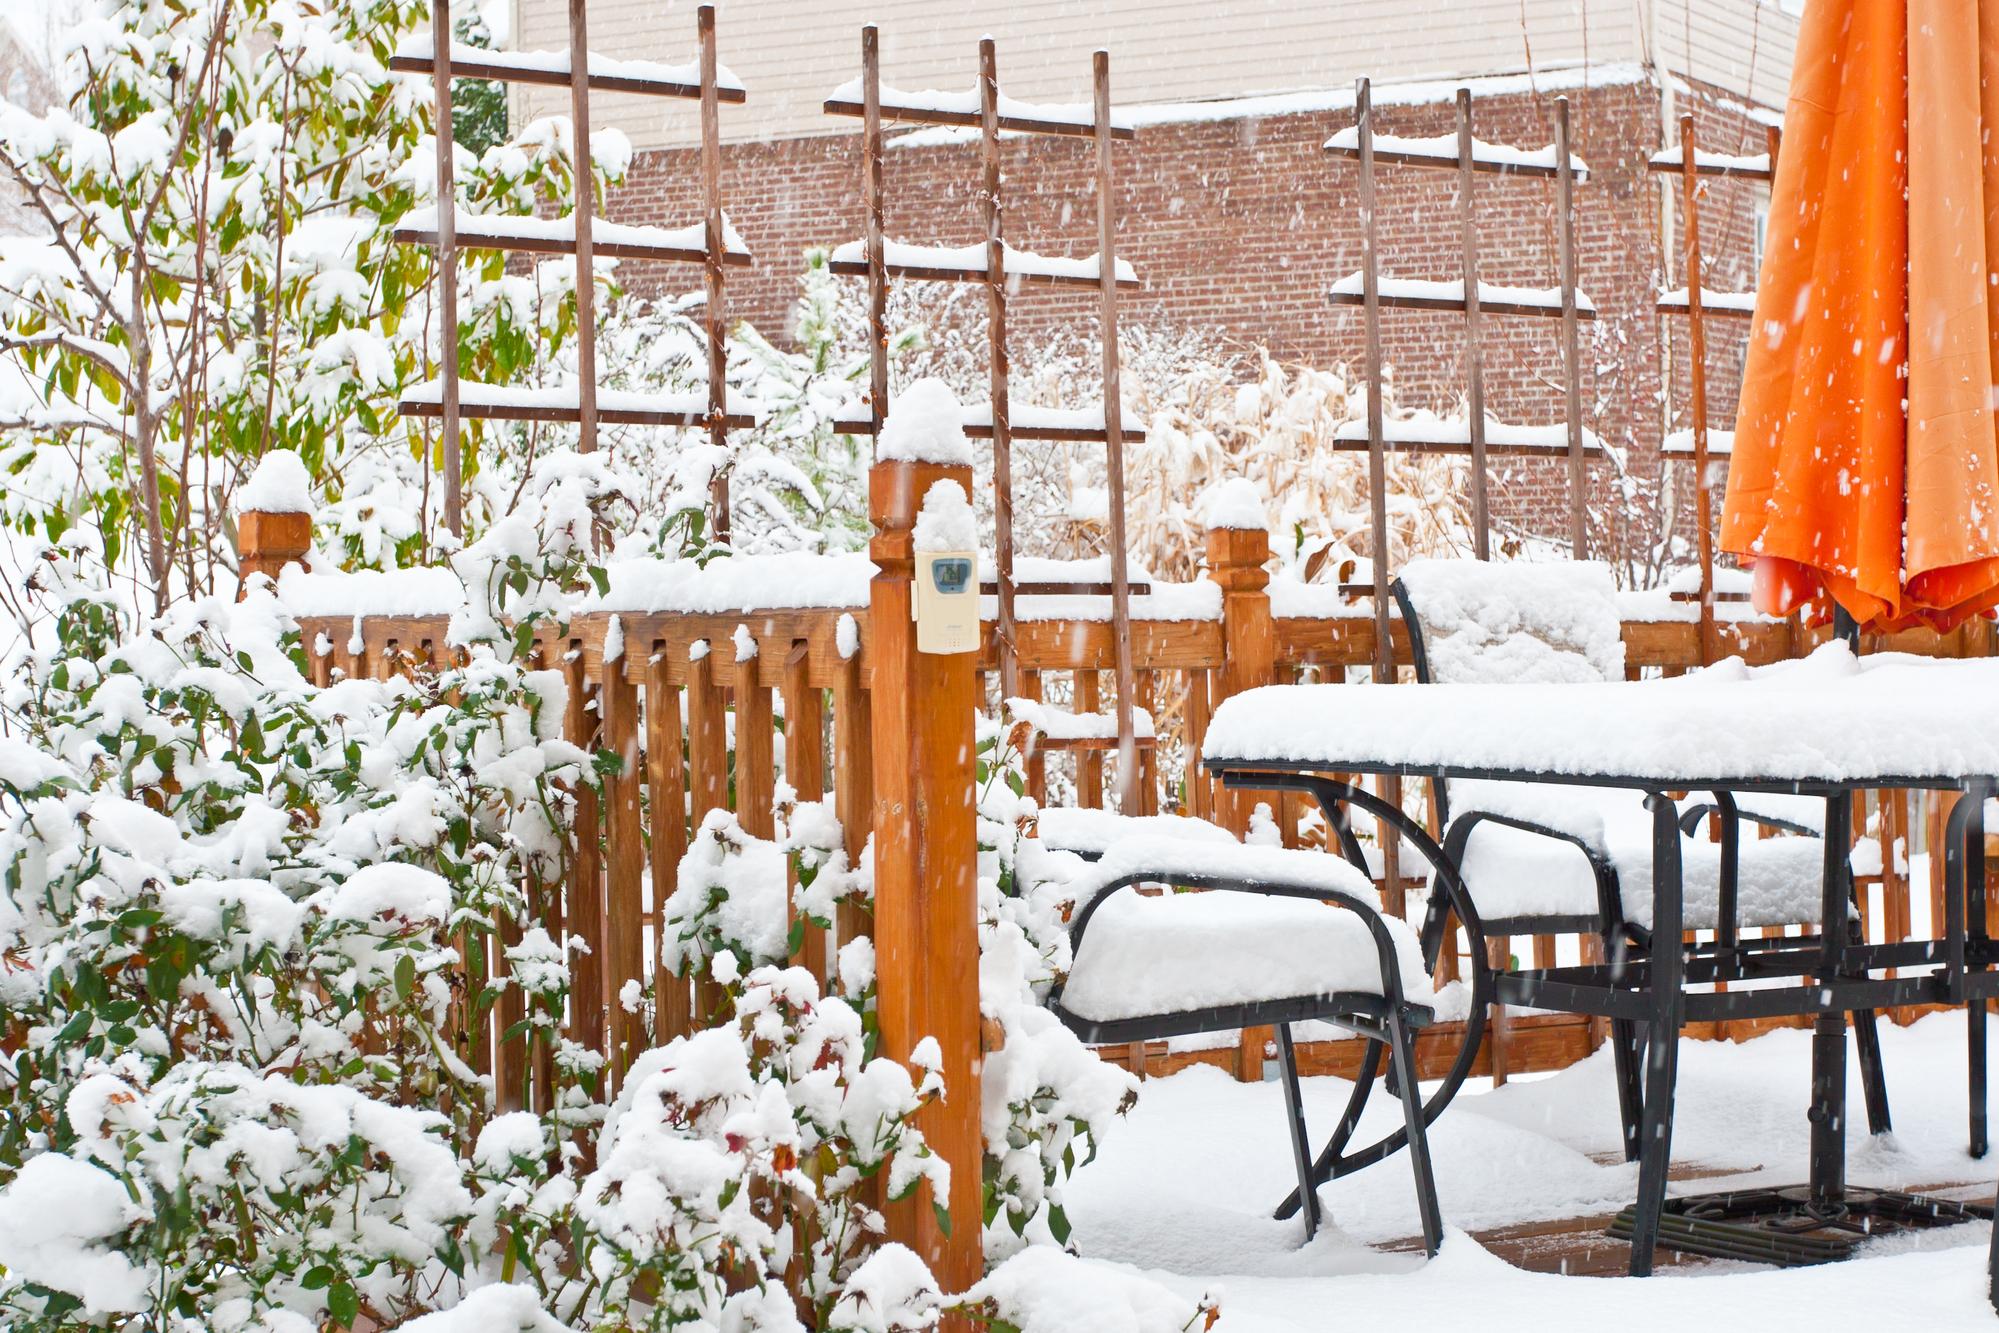 Zimowe prace ogrodowe – jak się przygotować na sezon zimowy?